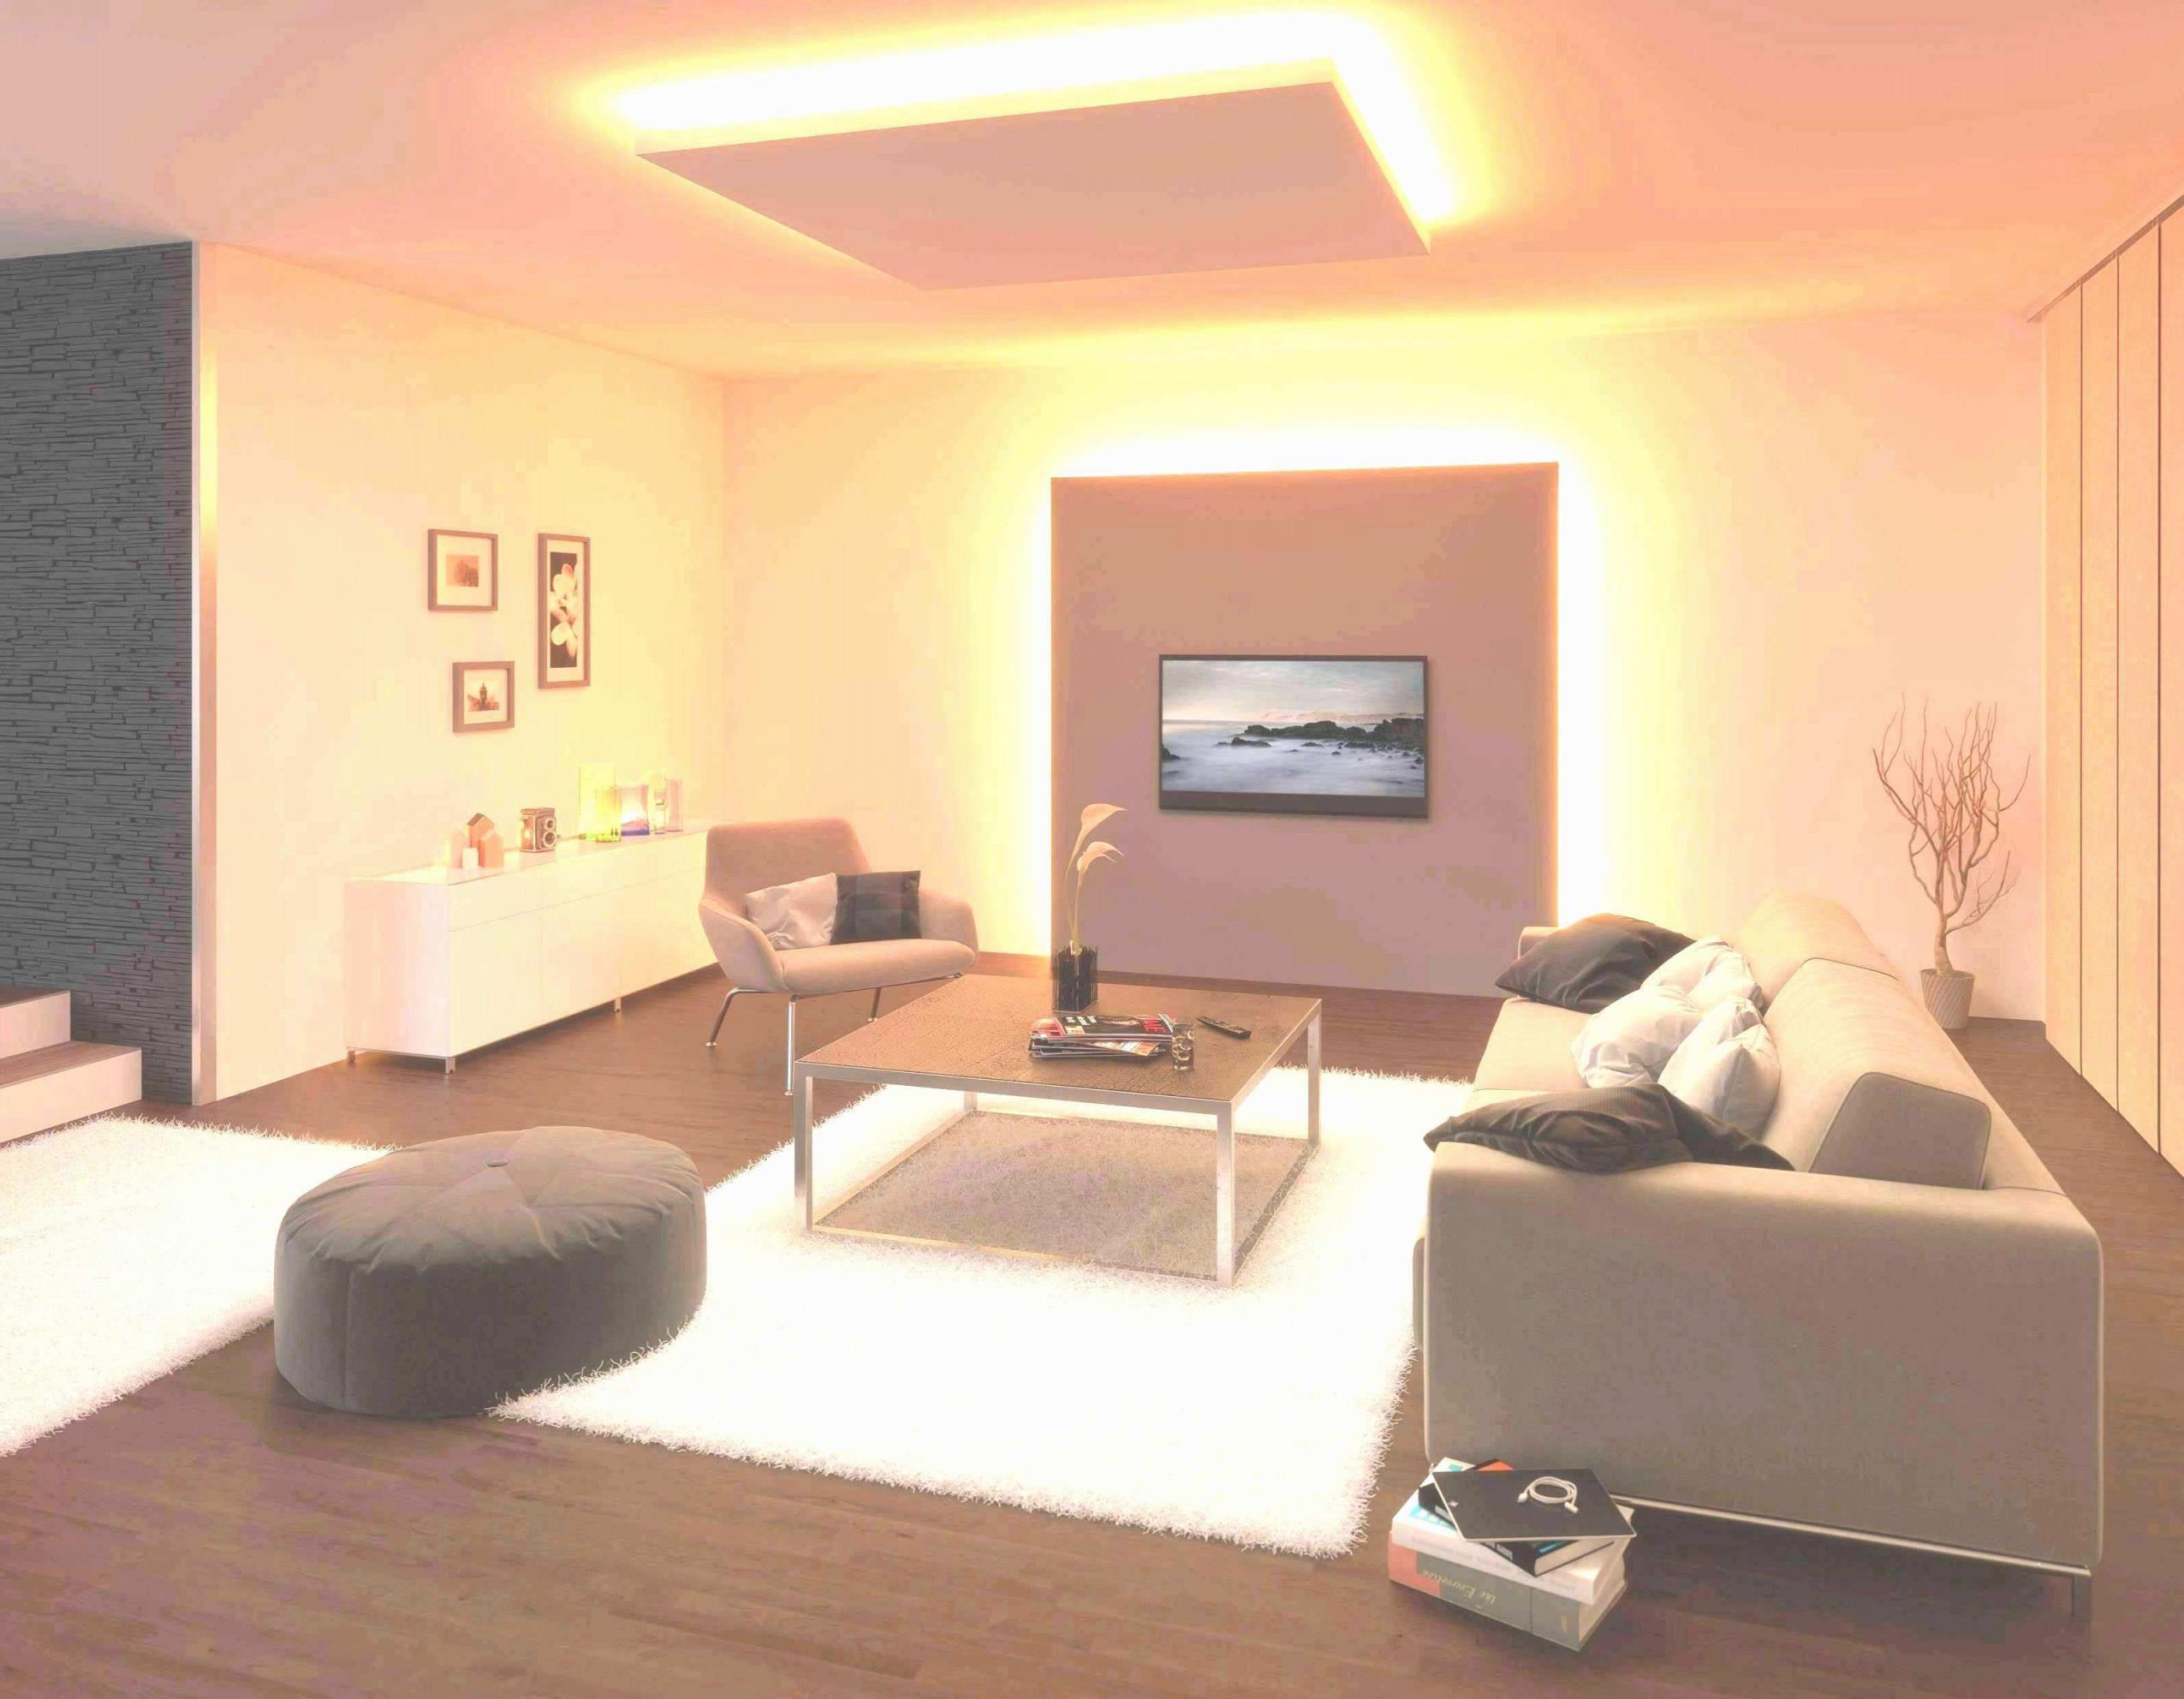 59 Neu Deckenlampe Wohnzimmer Modern Genial  Tolles von Wohnzimmer Deckenlampe Modern Bild